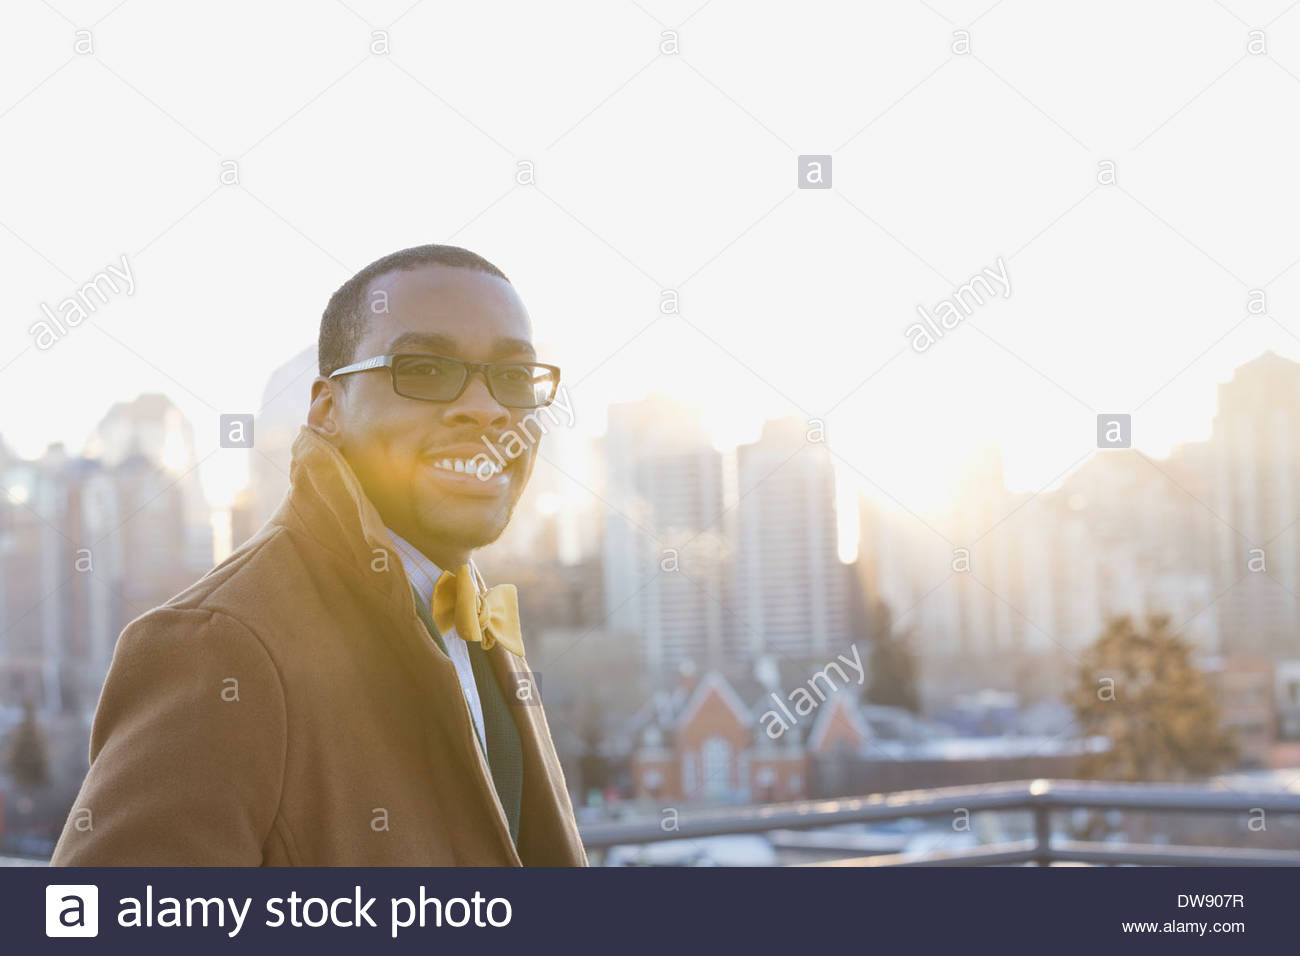 Ritratto di uomo sorridente contro cityscape Immagini Stock